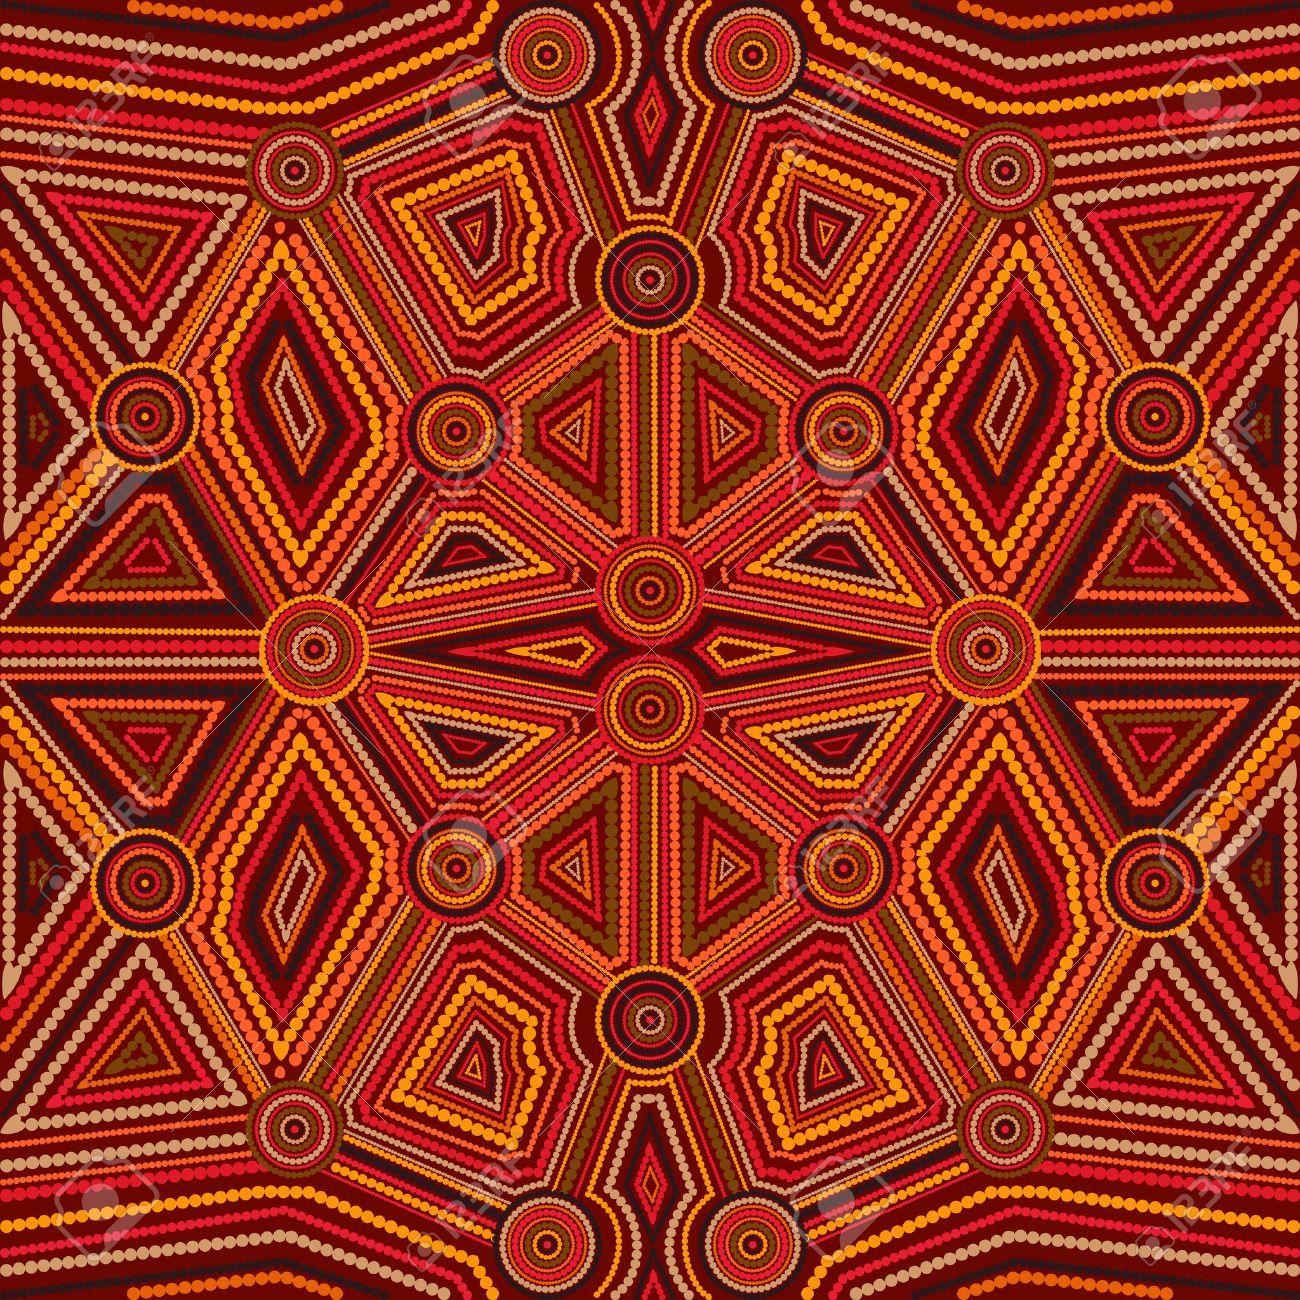 Modern Stil Nähmustern Australien Photo - Decke Stricken Muster ...